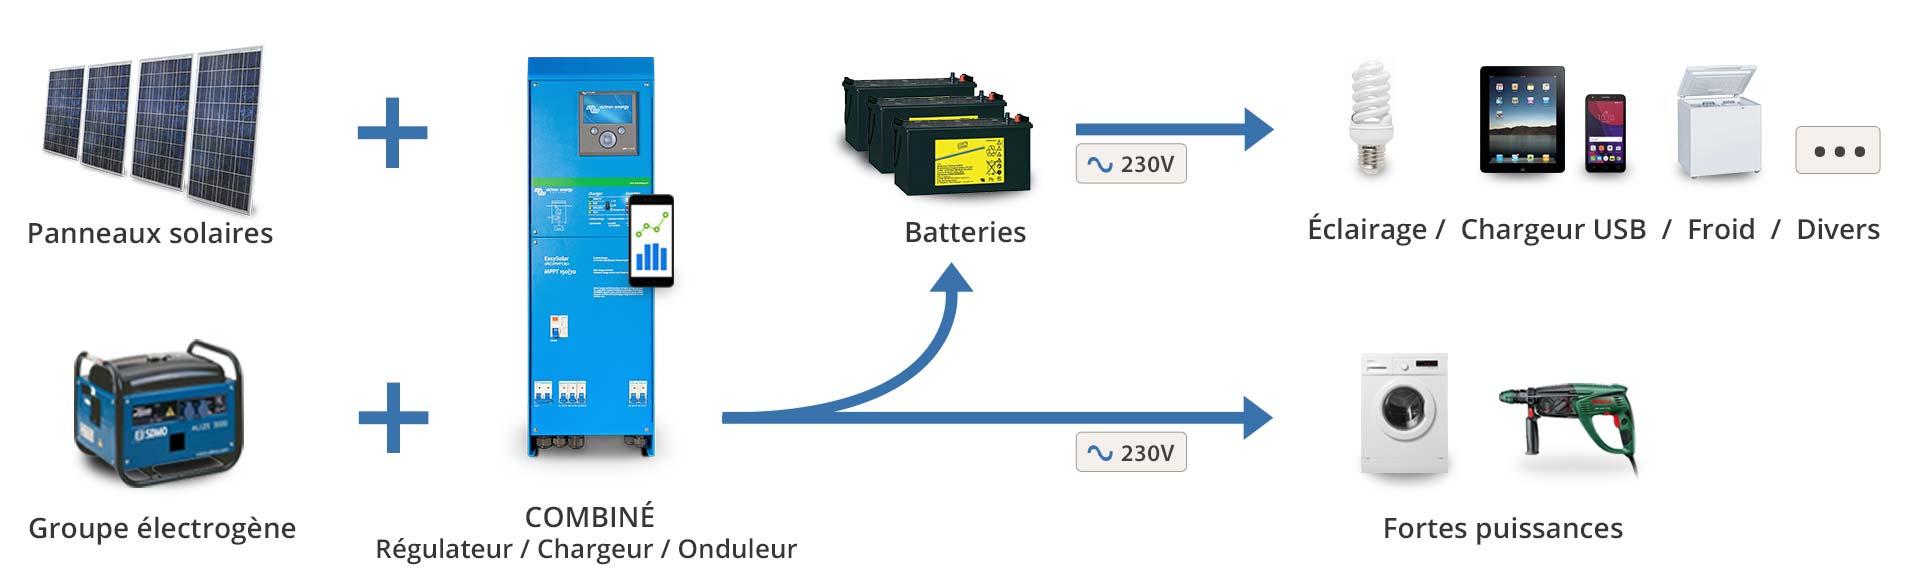 Principe de fonctionnement Kit solaire hybride avec parc batterie et groupe électrogène